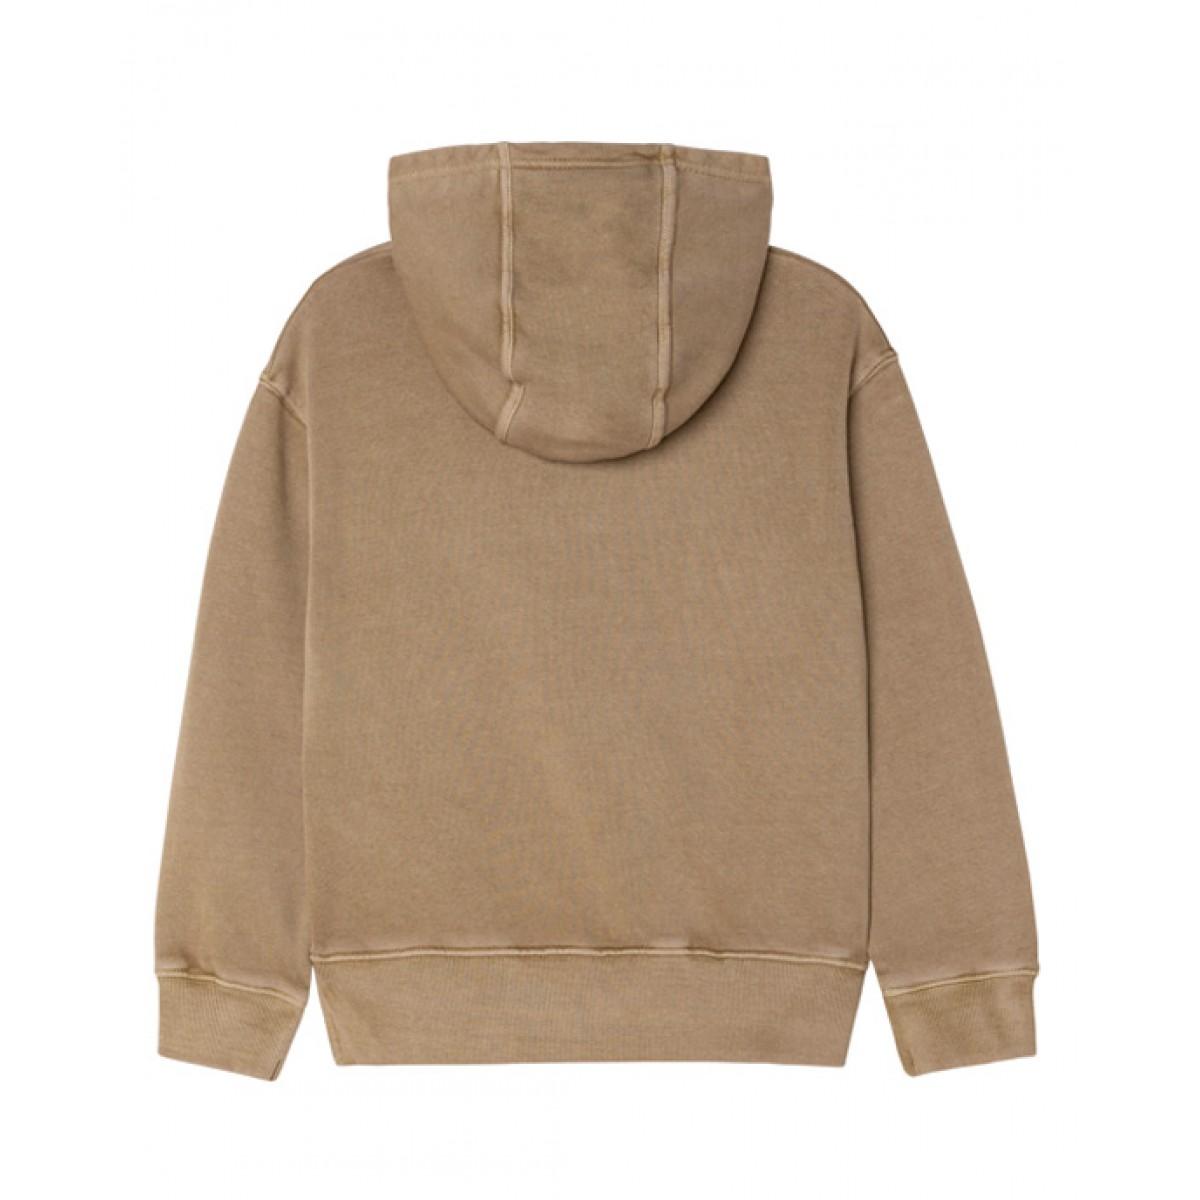 Hooded fleece sweater in beige